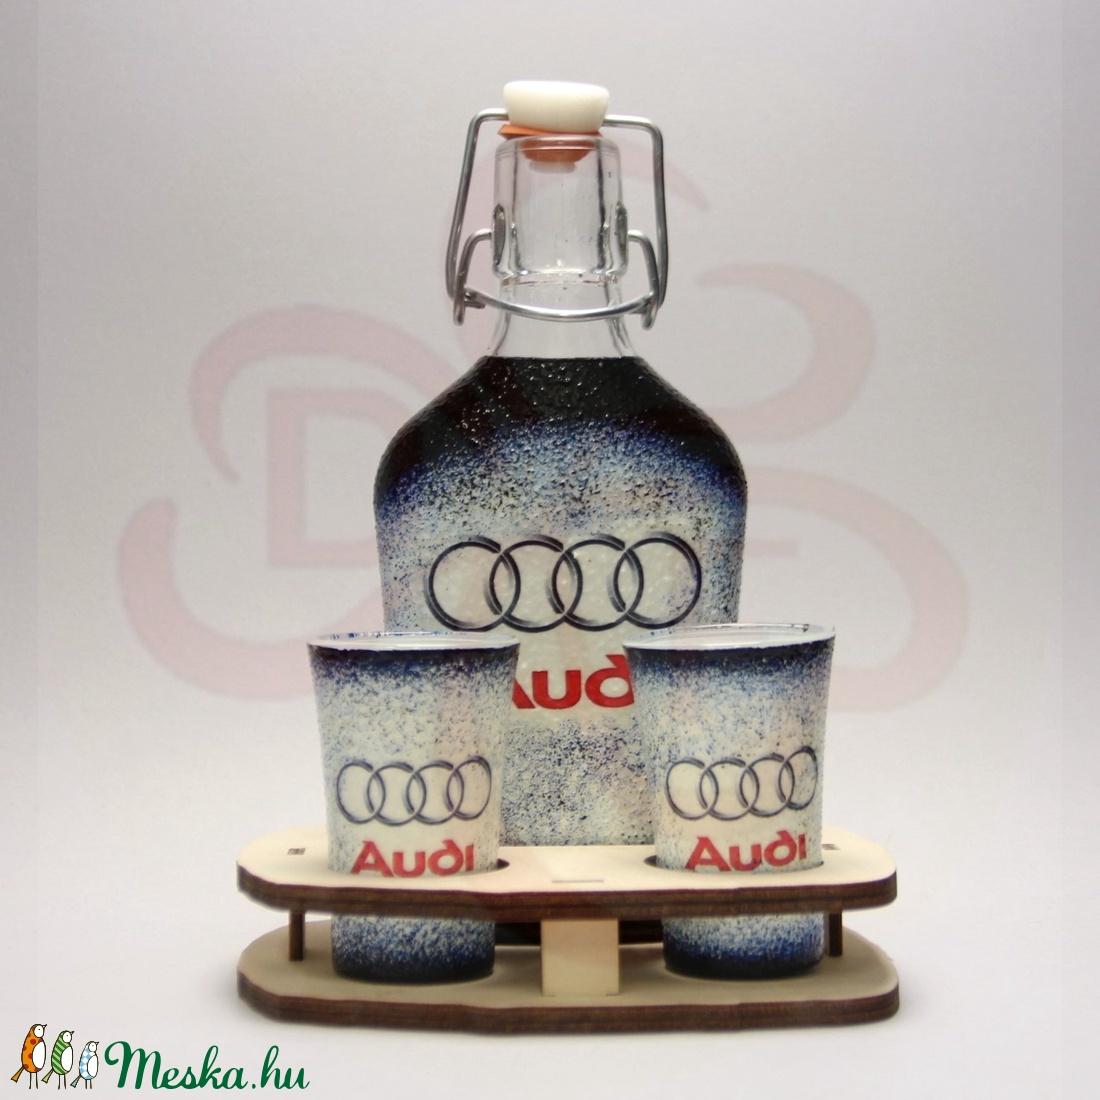 Audi ital készlet ; Audi rajongó férfiaknak - Meska.hu